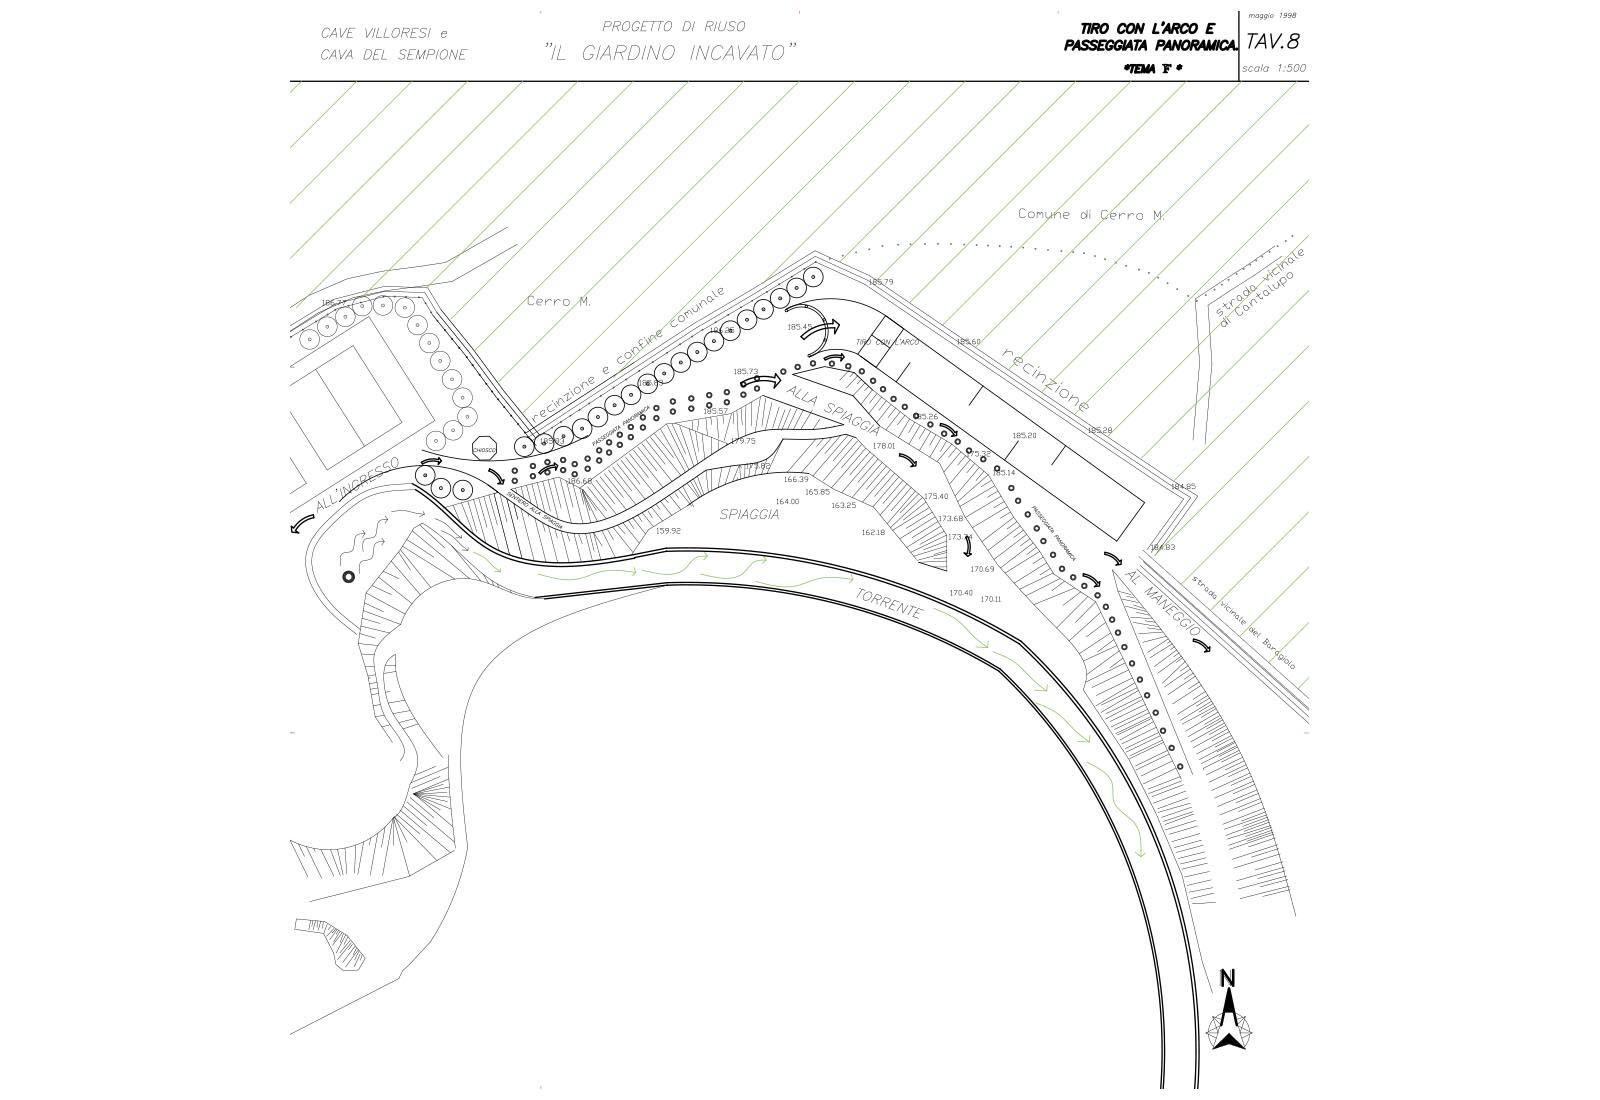 Riuso cave Villoresi e Sempione - Progetto di riuso: Tav.8 Tiro con l'arco e passeggiata